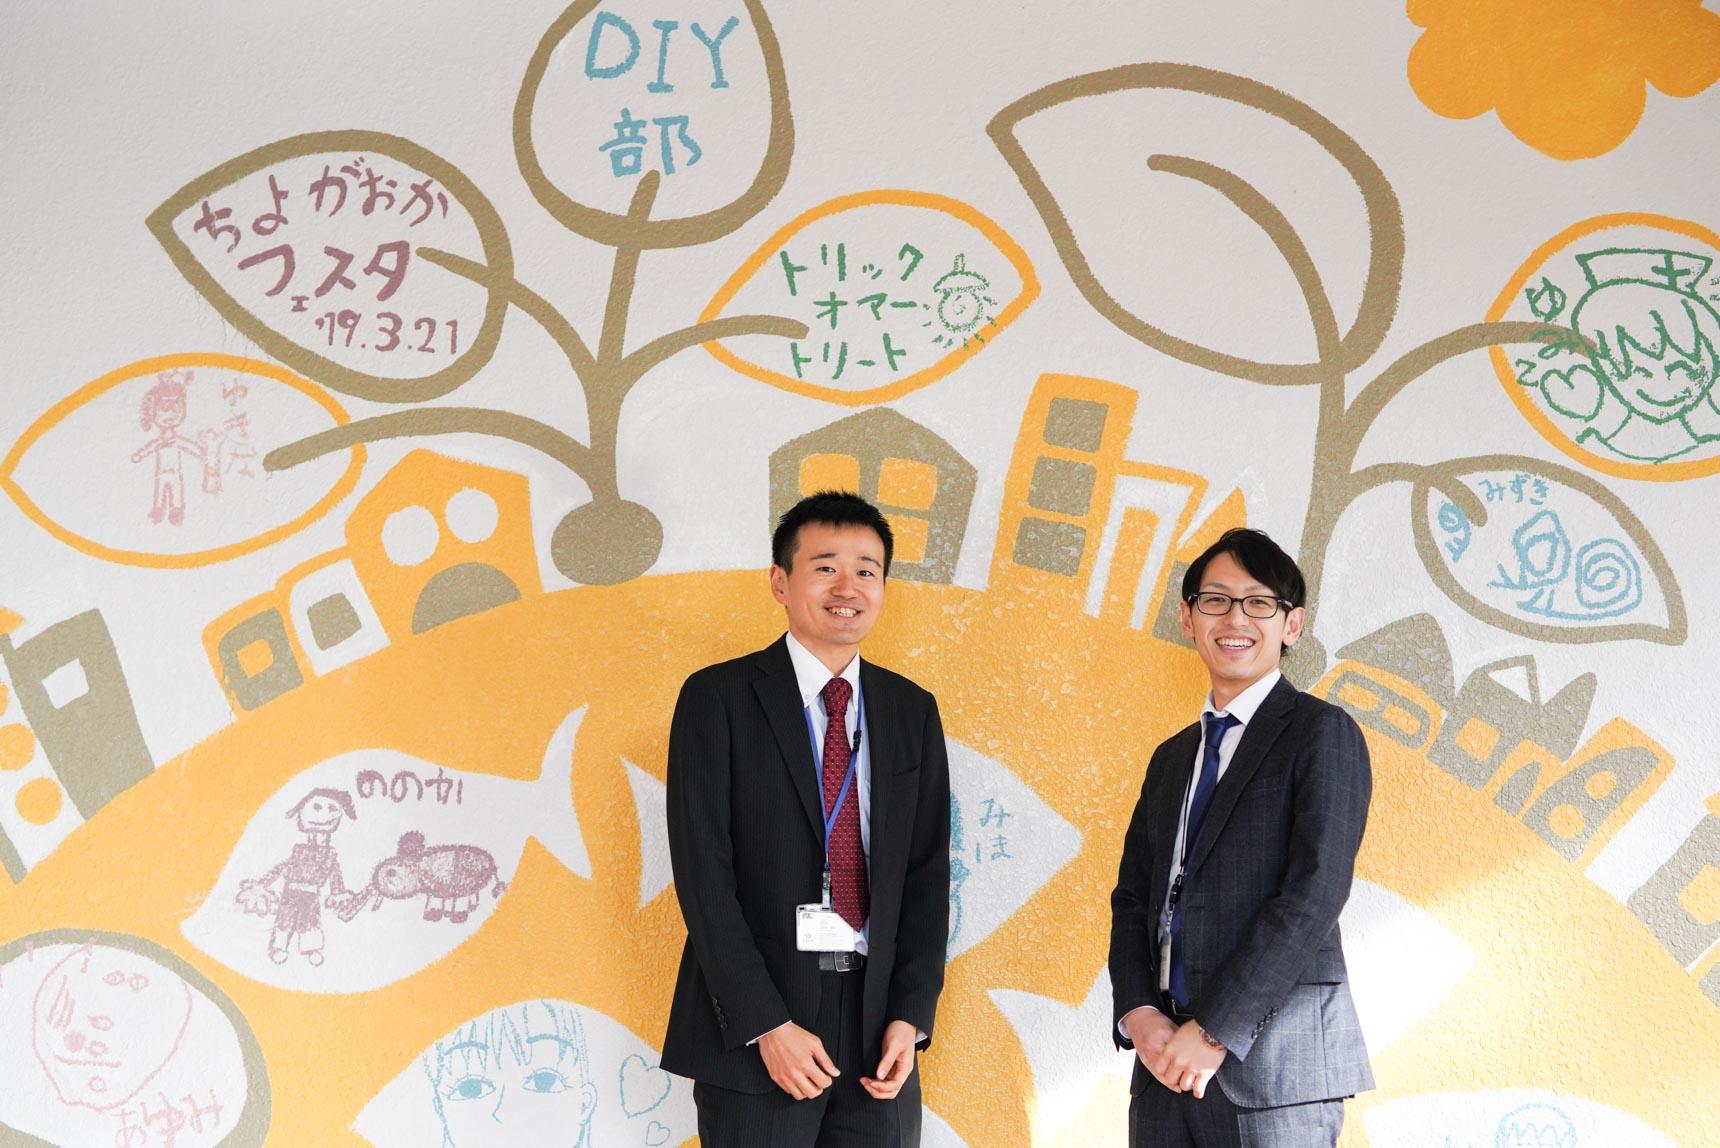 ご案内いただいたのは、写真左からUR都市機構の古檜山さん、上原さん。